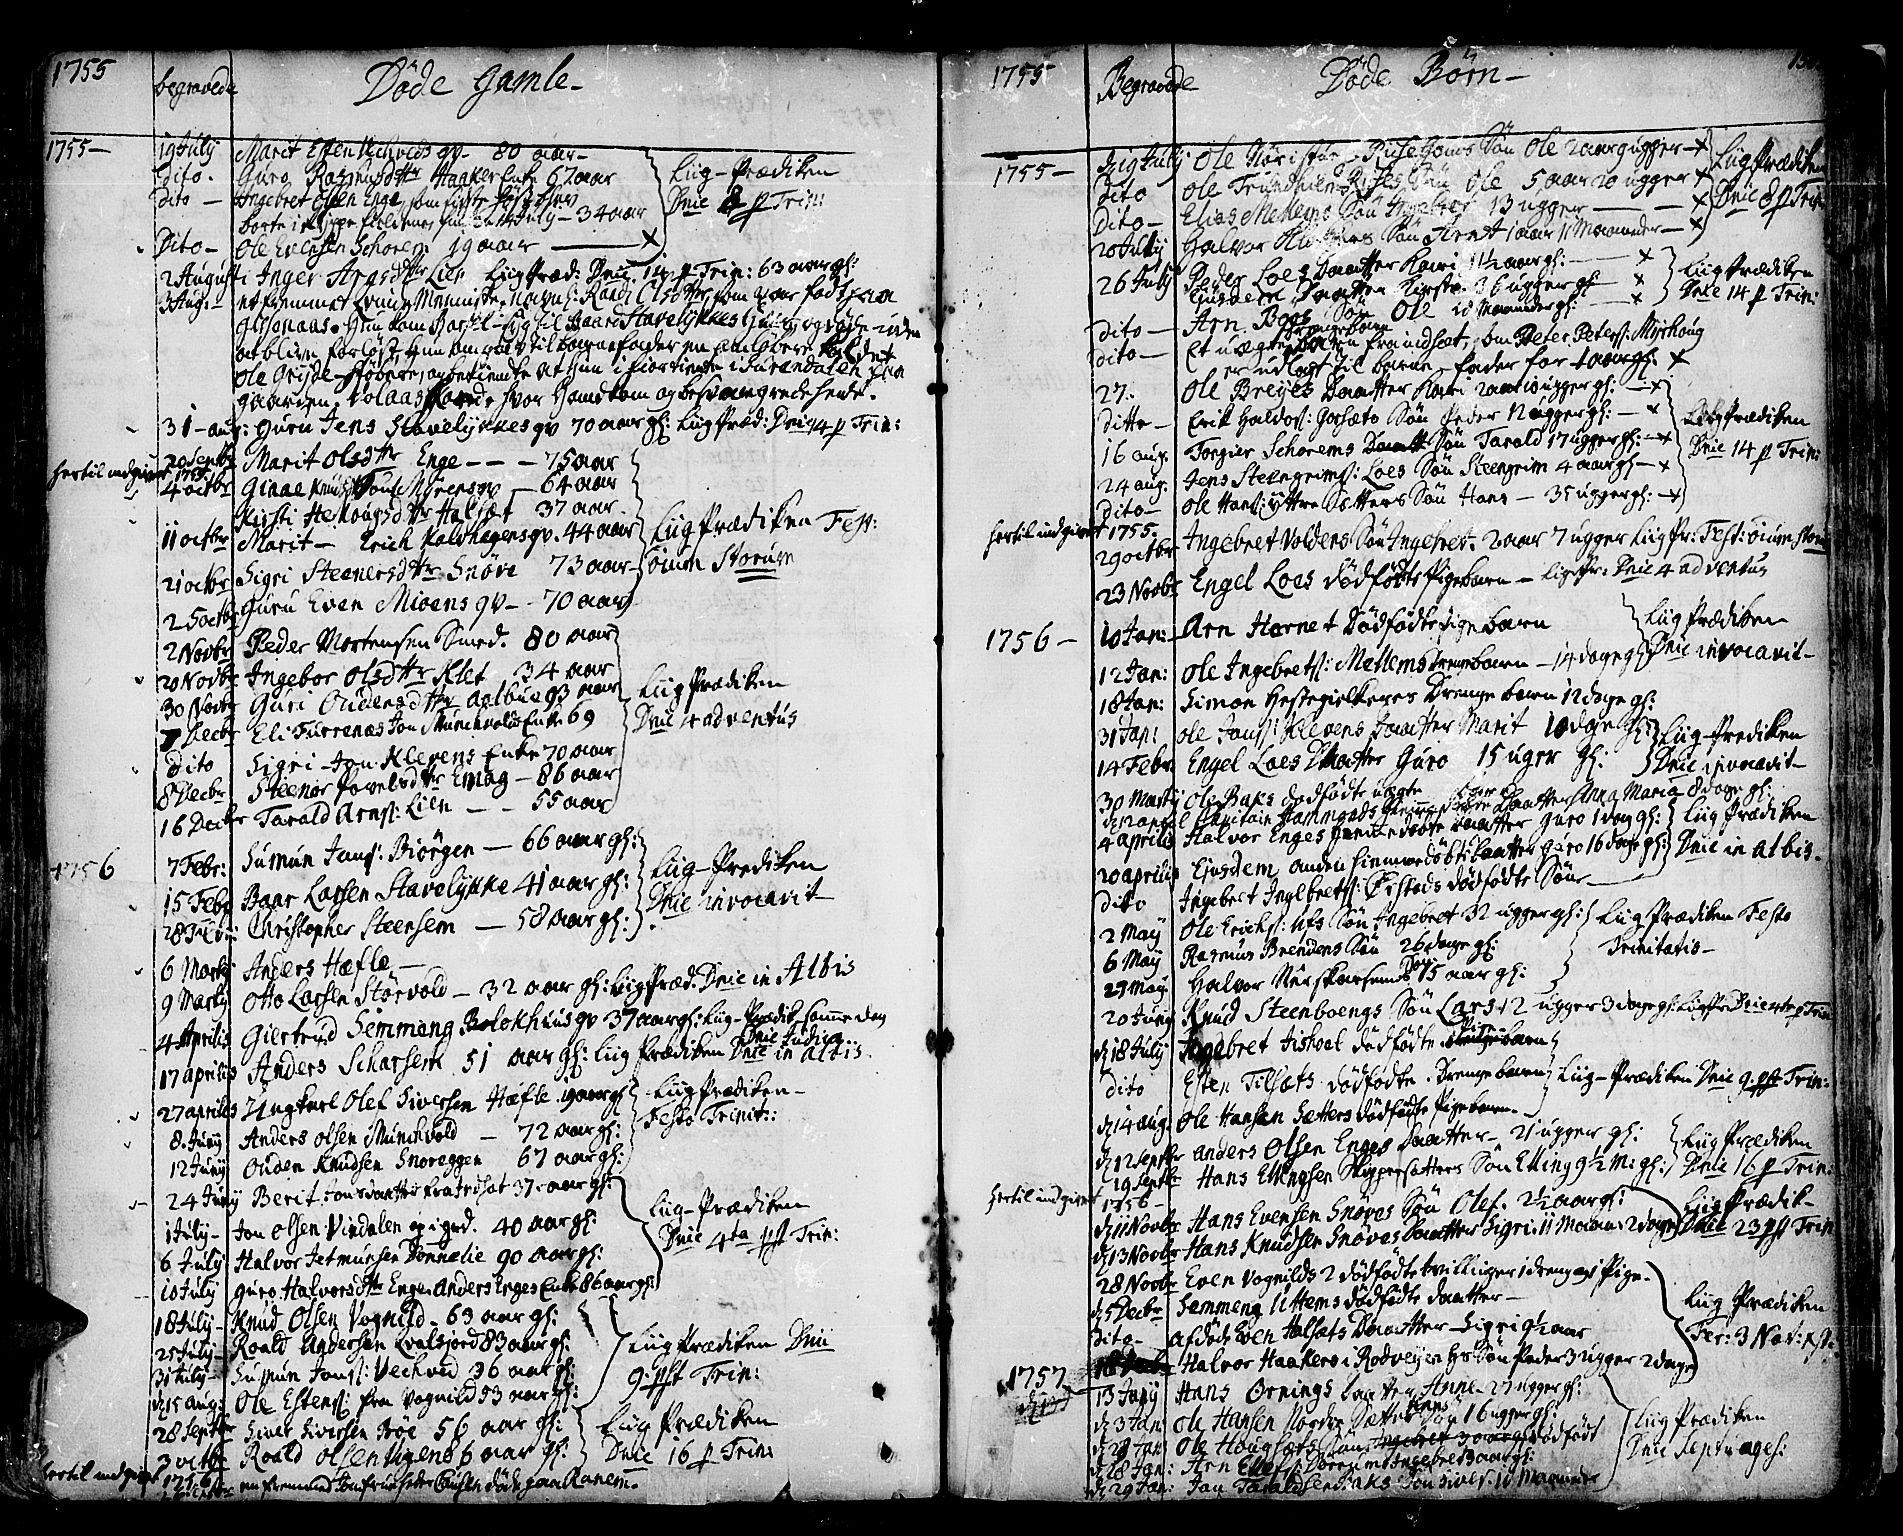 SAT, Ministerialprotokoller, klokkerbøker og fødselsregistre - Sør-Trøndelag, 678/L0891: Ministerialbok nr. 678A01, 1739-1780, s. 150